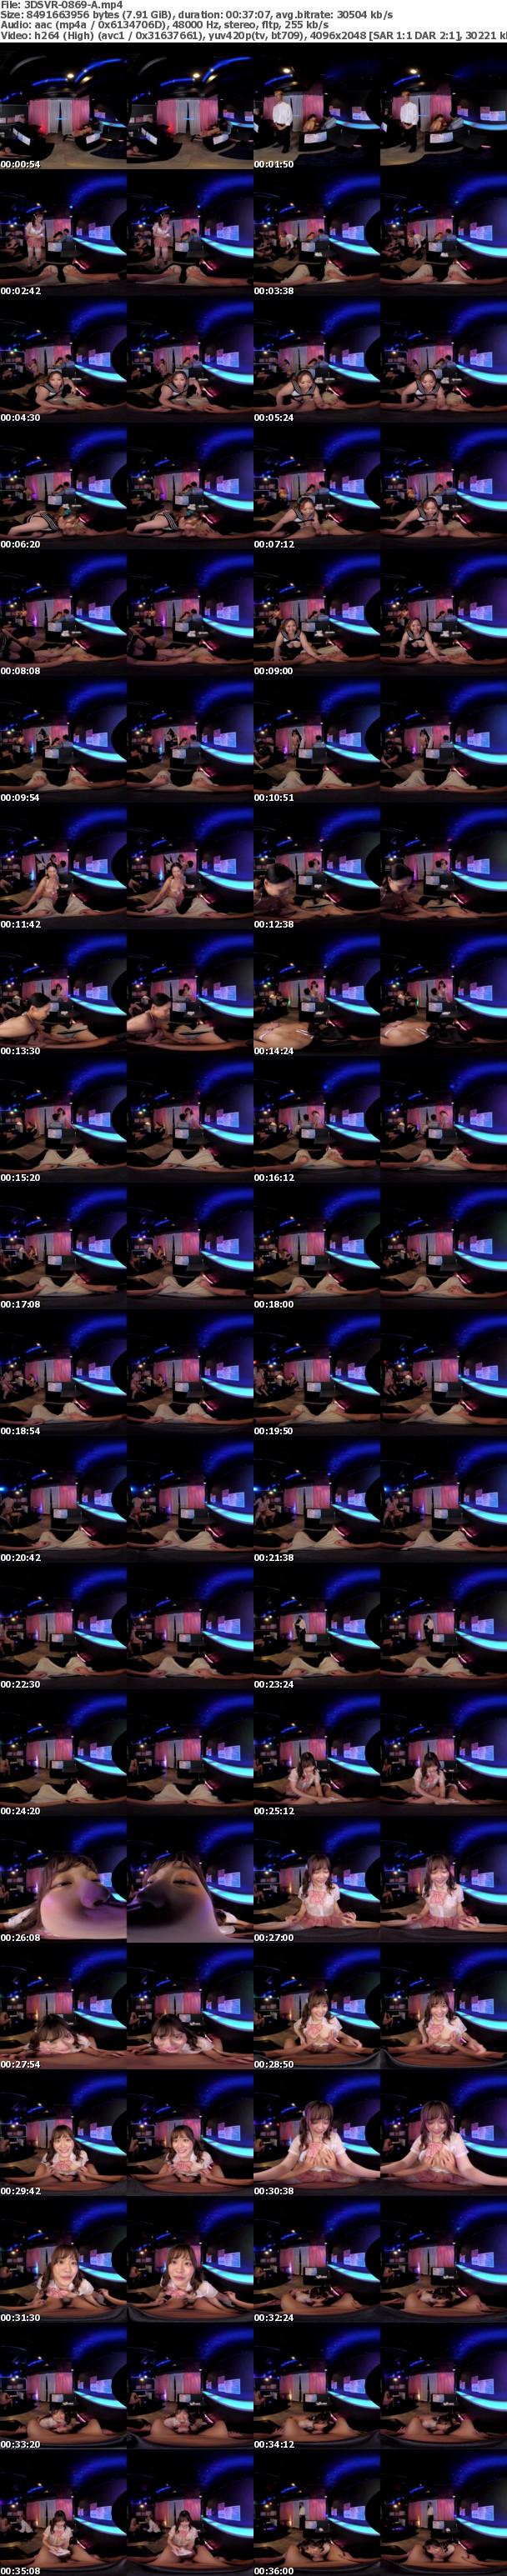 (VR) 3DSVR-0869 3回転目で大当たり!ピンサロ花びら回転プレイ中ず~っと気になってた、めっちゃ可愛い隣のあの子と店員さんにバレないようにこっそり中出しセックス! 奏音かのん